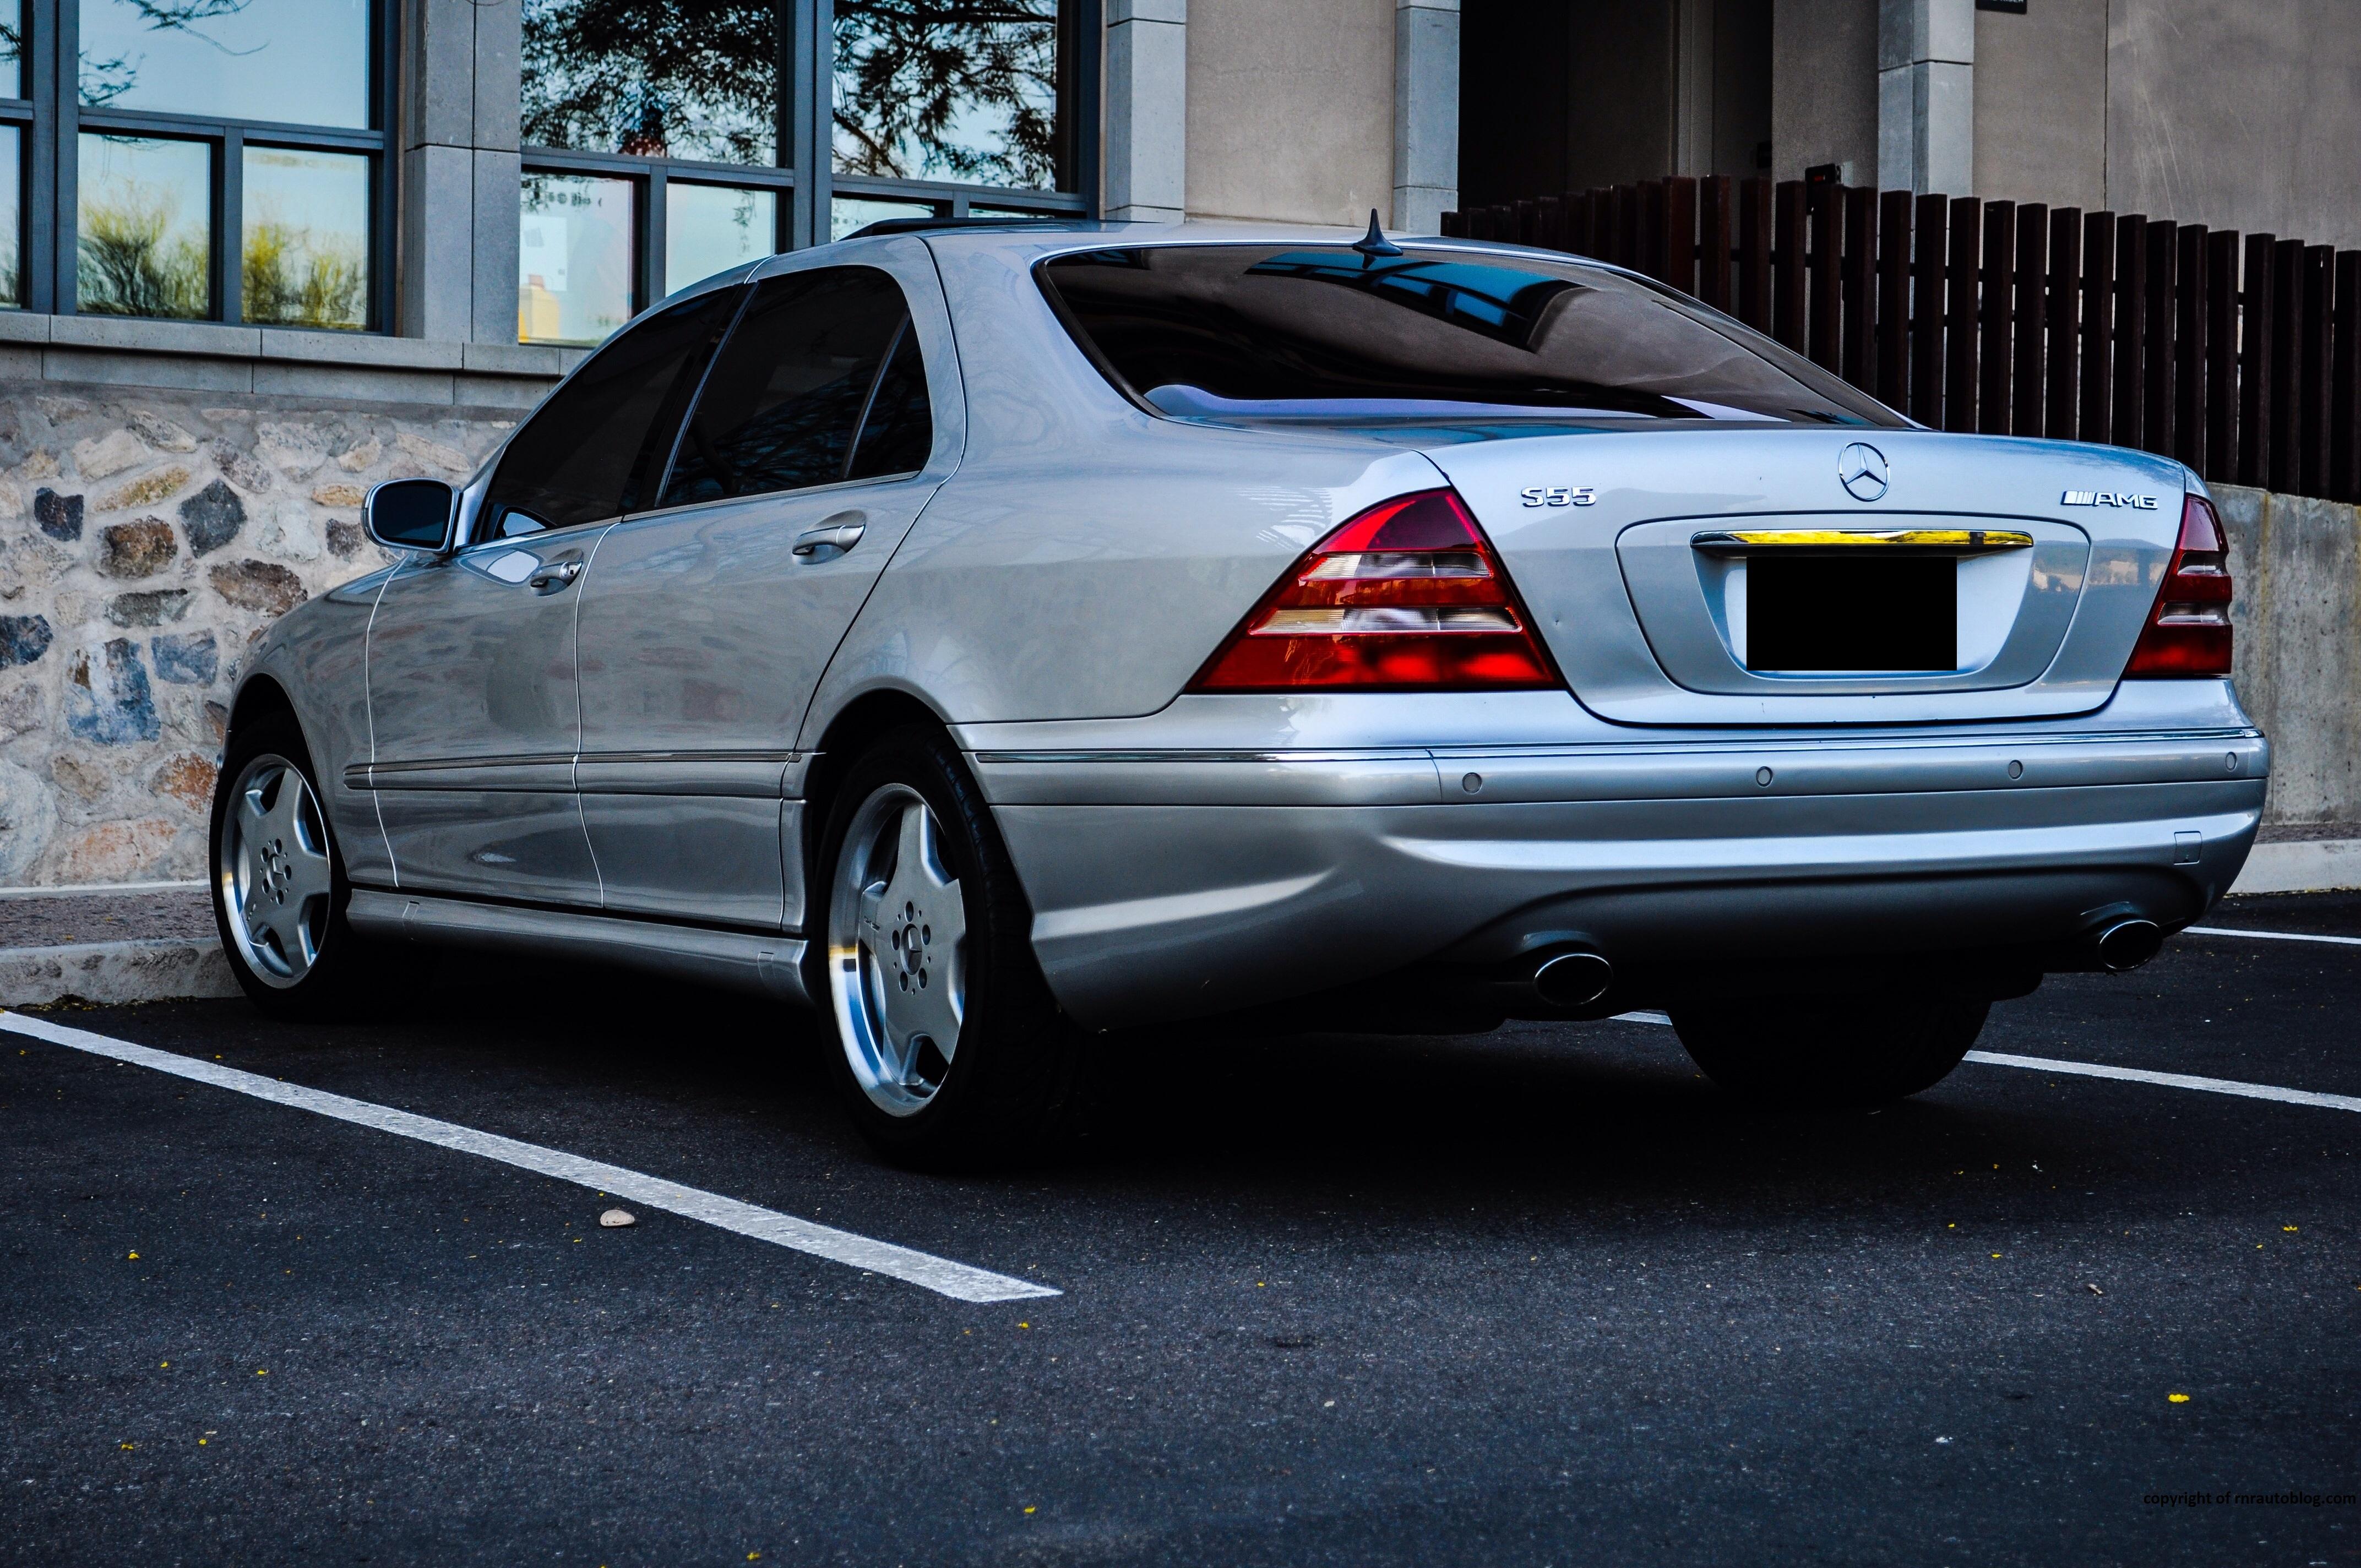 2001 mercedes benz s55 amg review rnr automotive blog s55 6 publicscrutiny Images